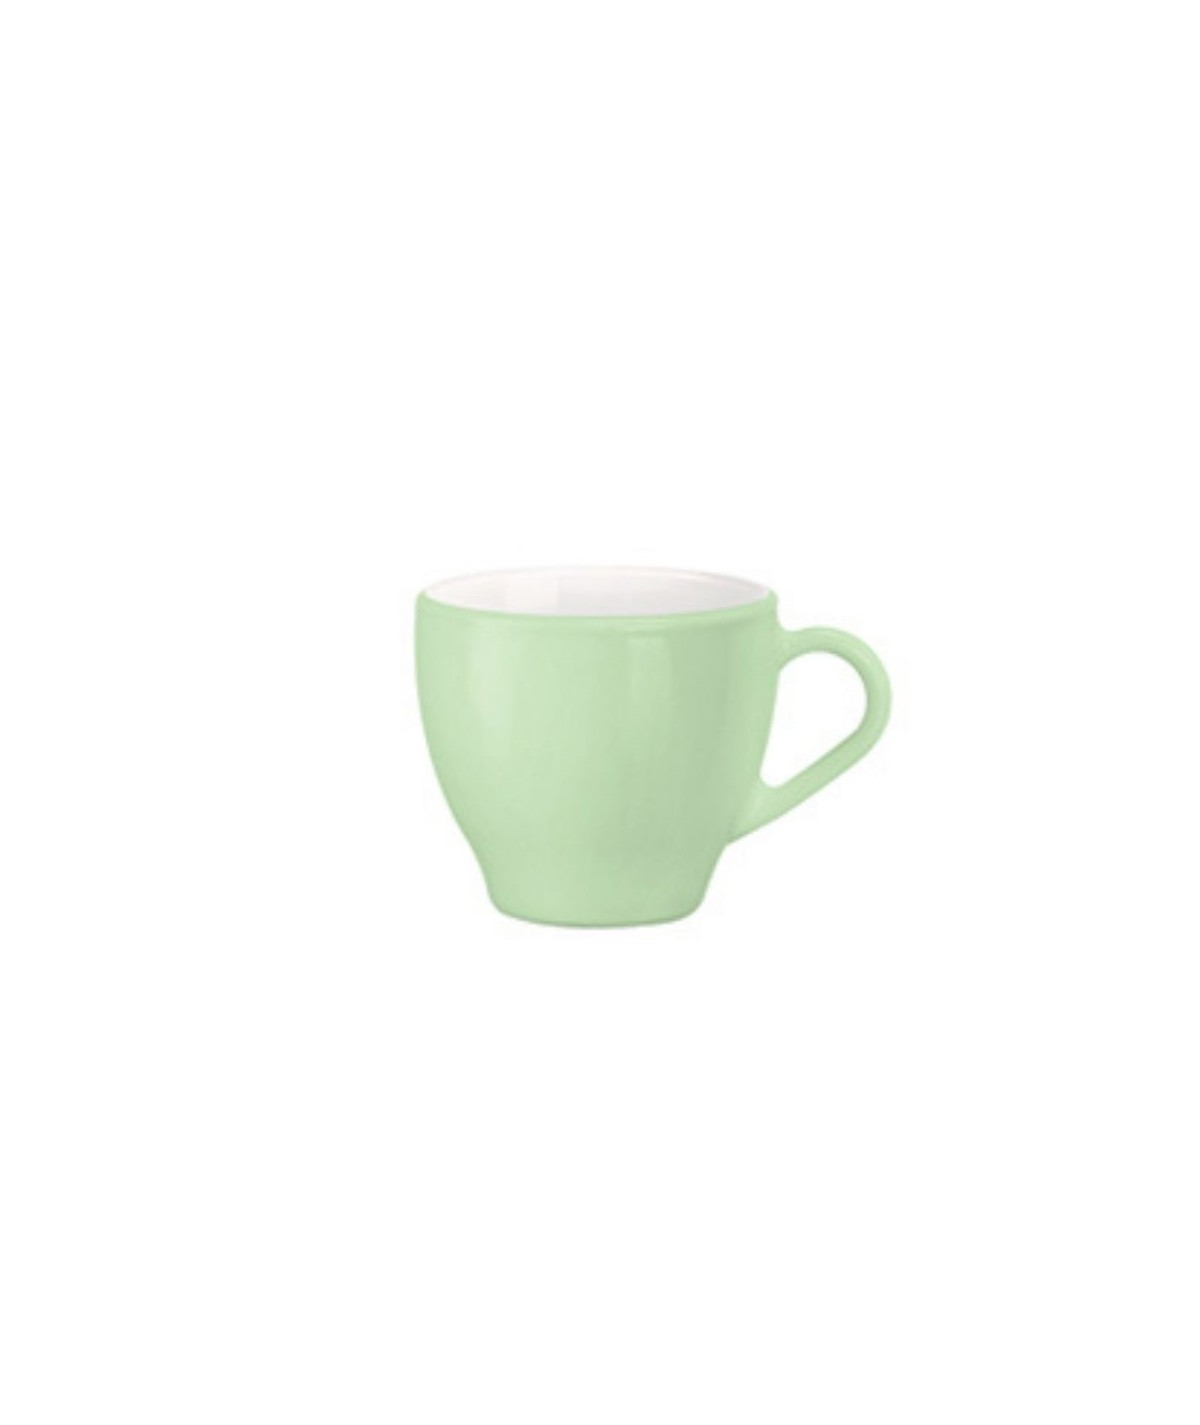 Tazze da thè verde...